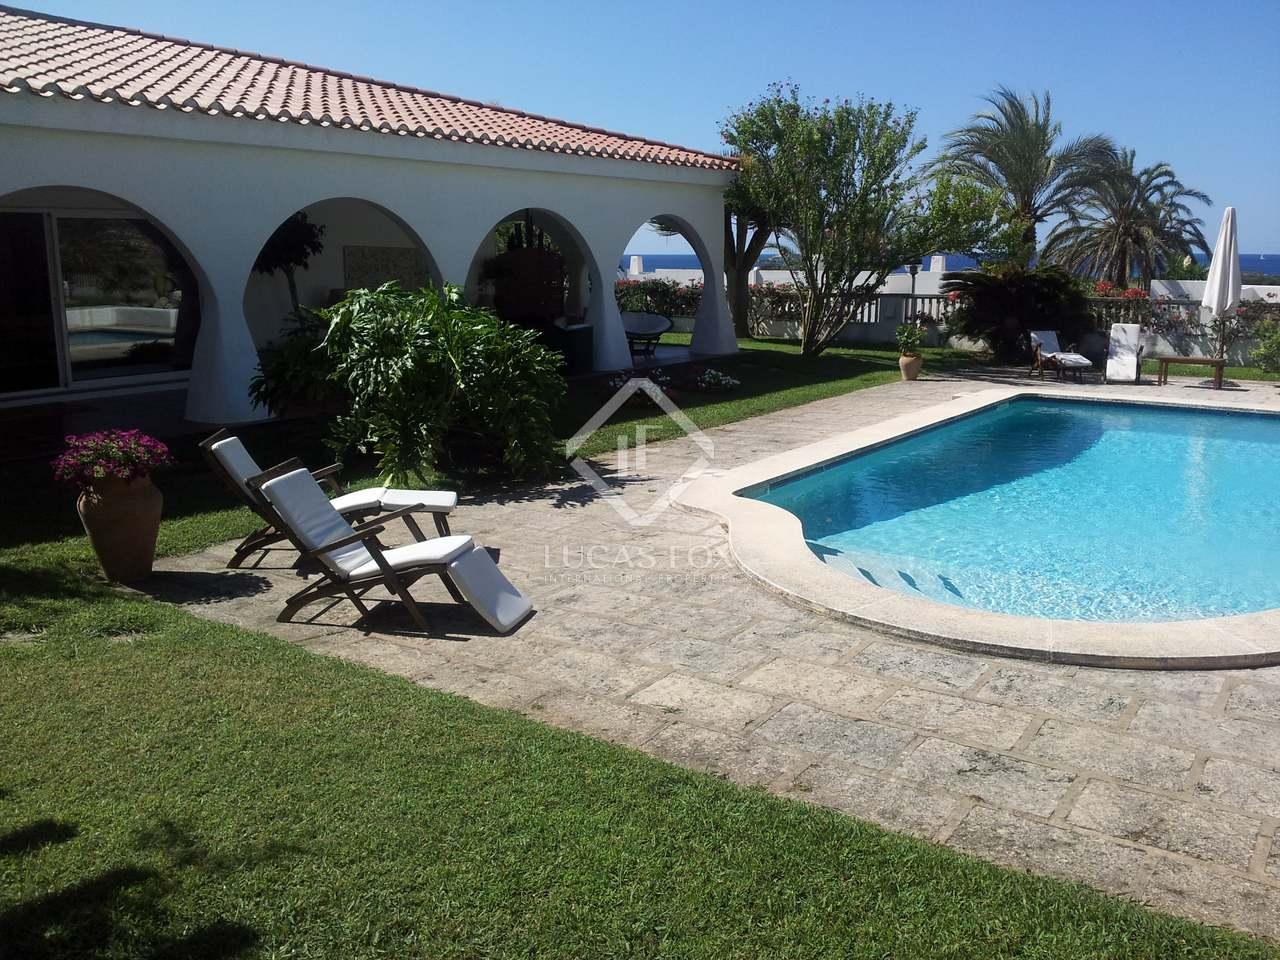 200 M Villa With 1 800 M Garden For Sale In Menorca